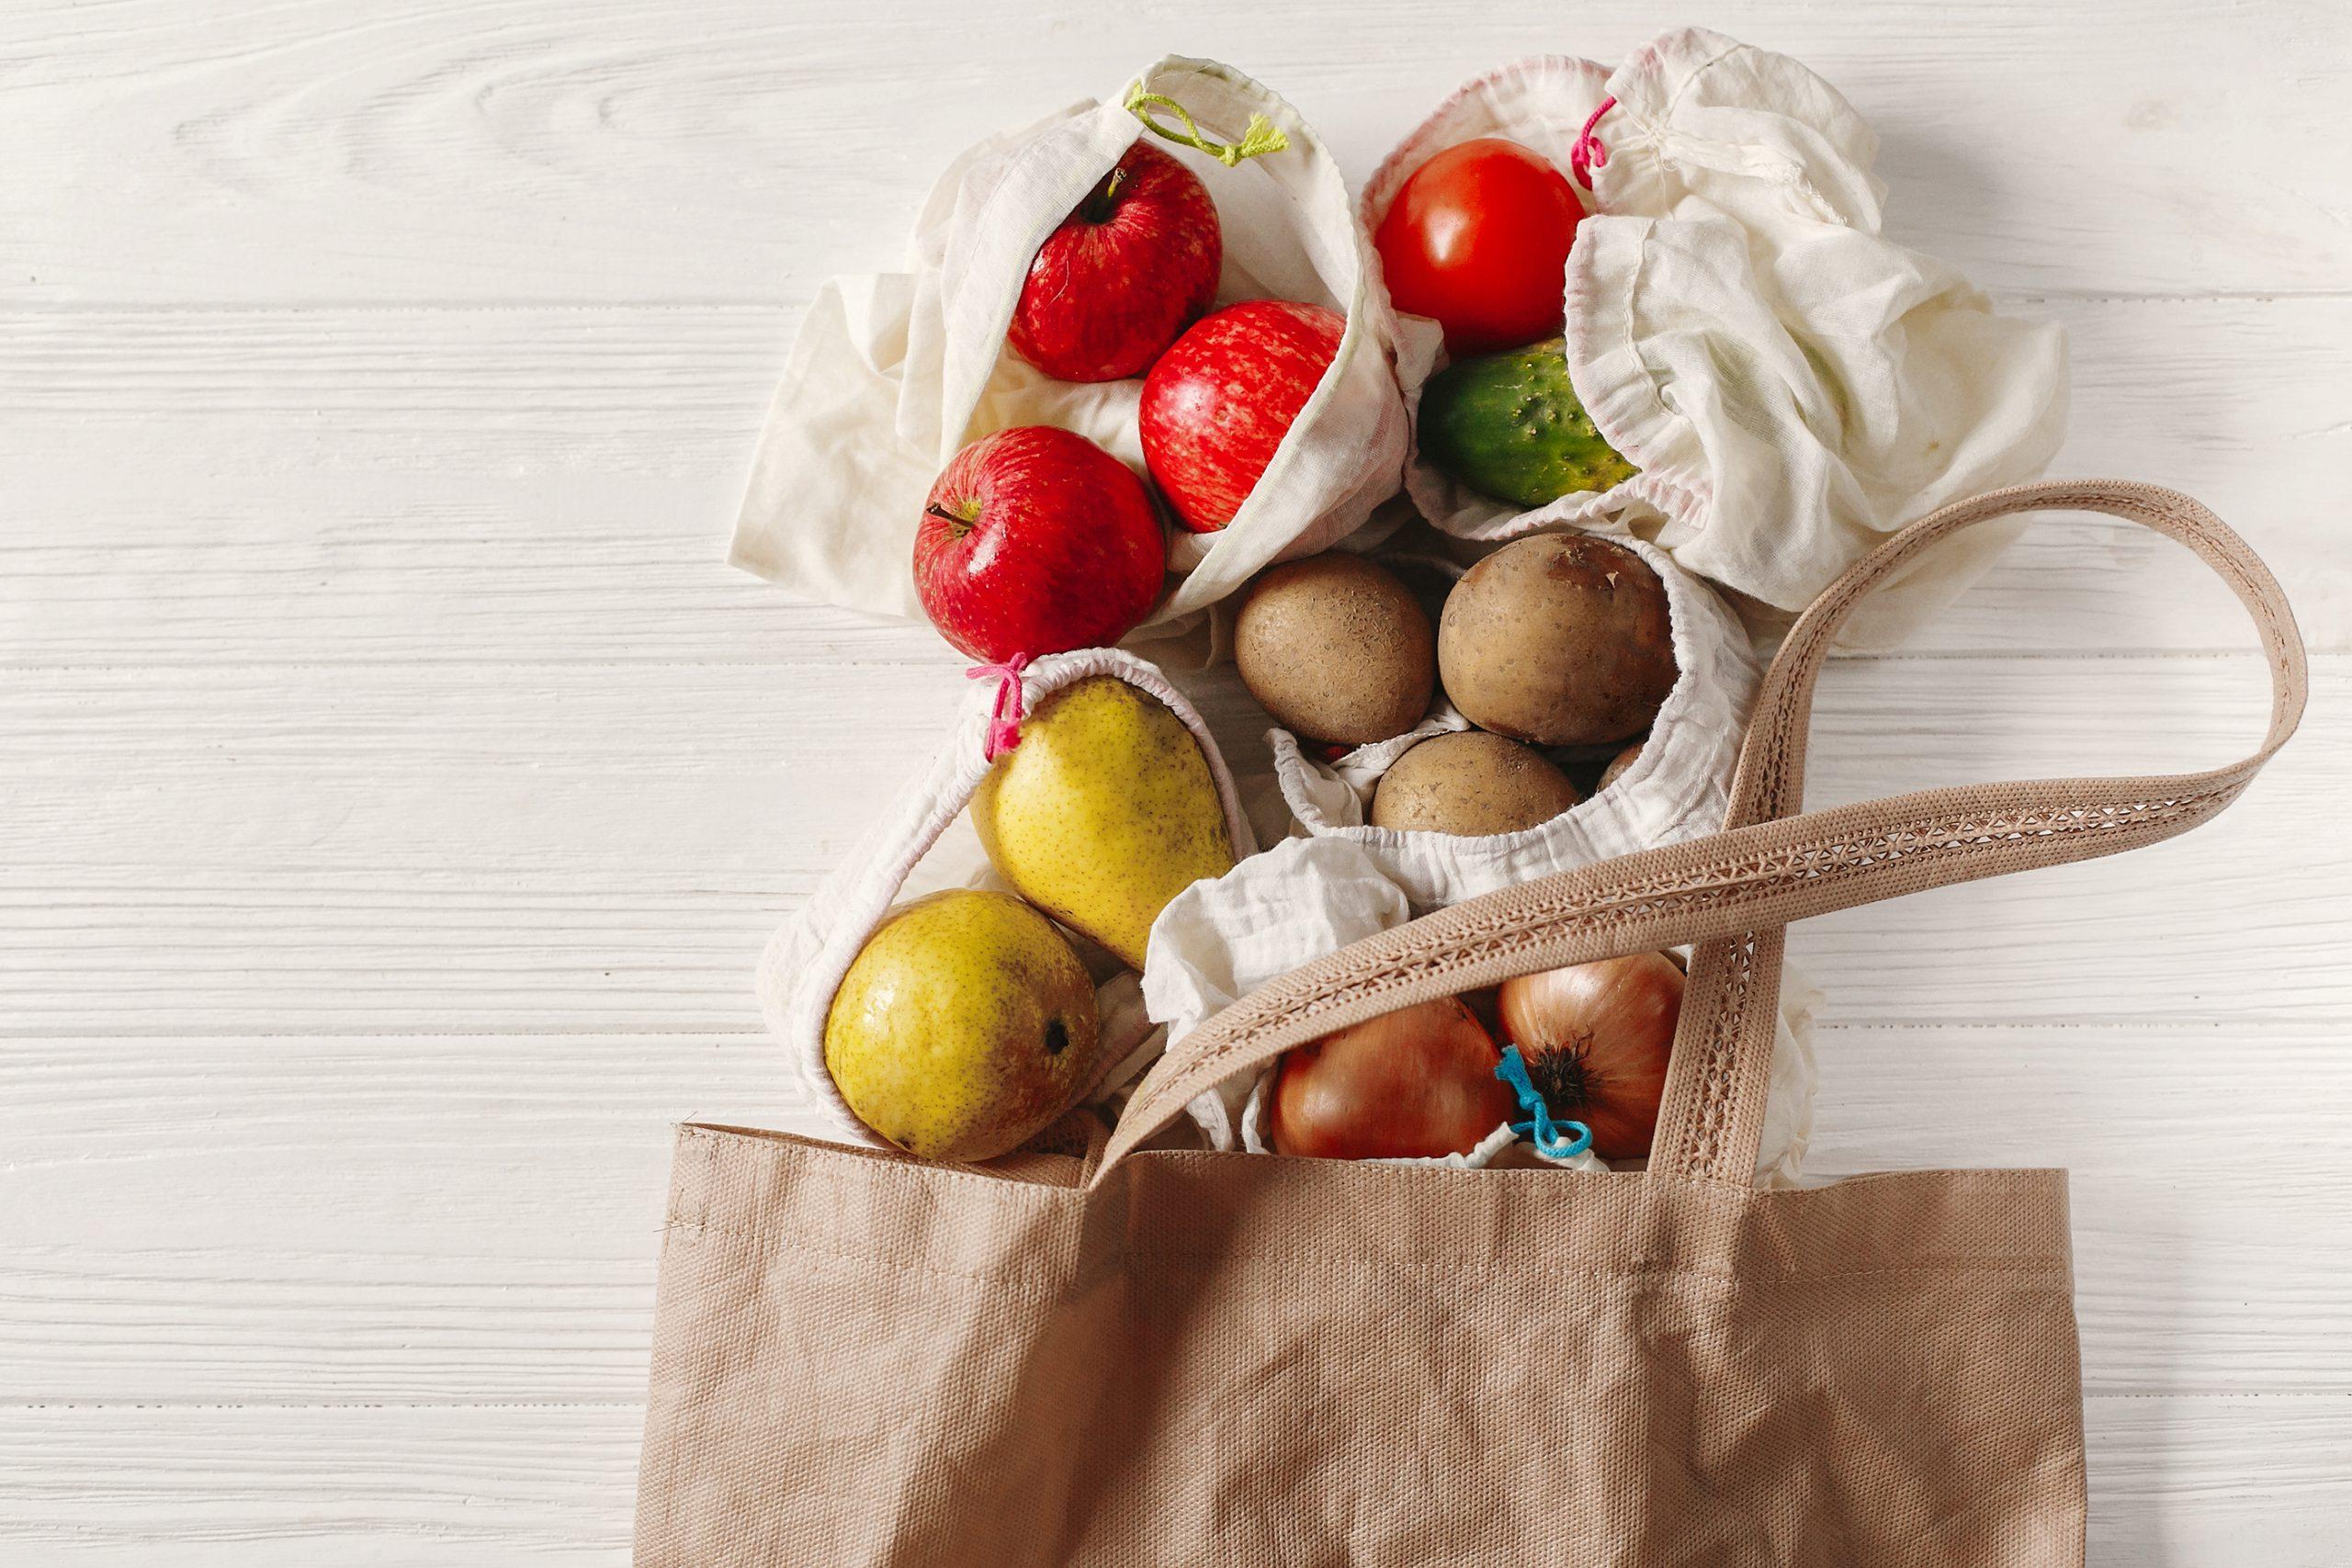 Rekordowa wartość wskaźnika cen żywności FAO